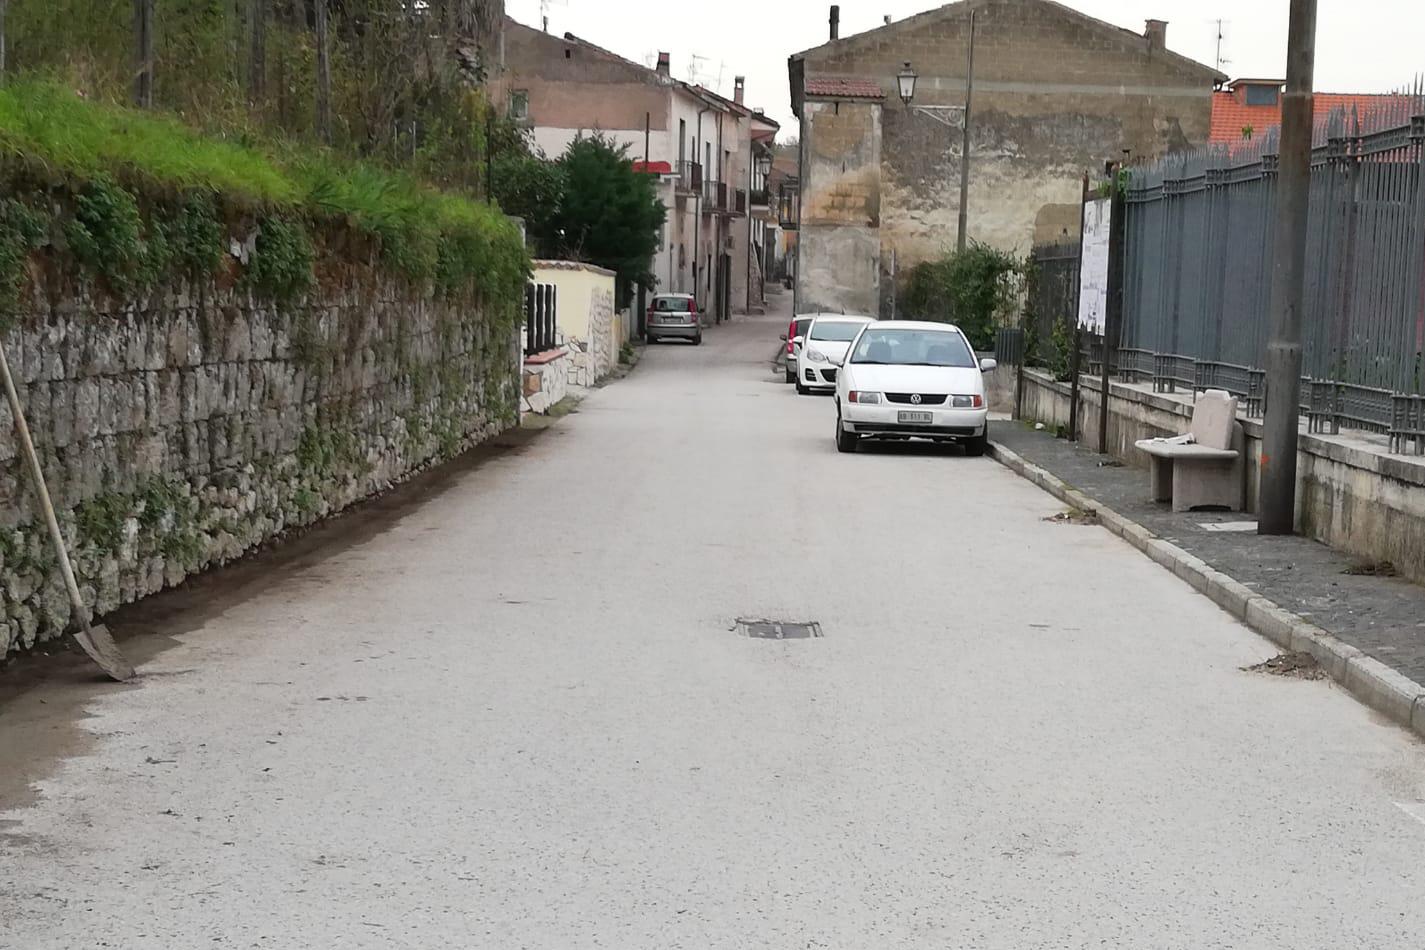 Cervinara: Borgo Pirozza, una frazione da prendere ad esempio